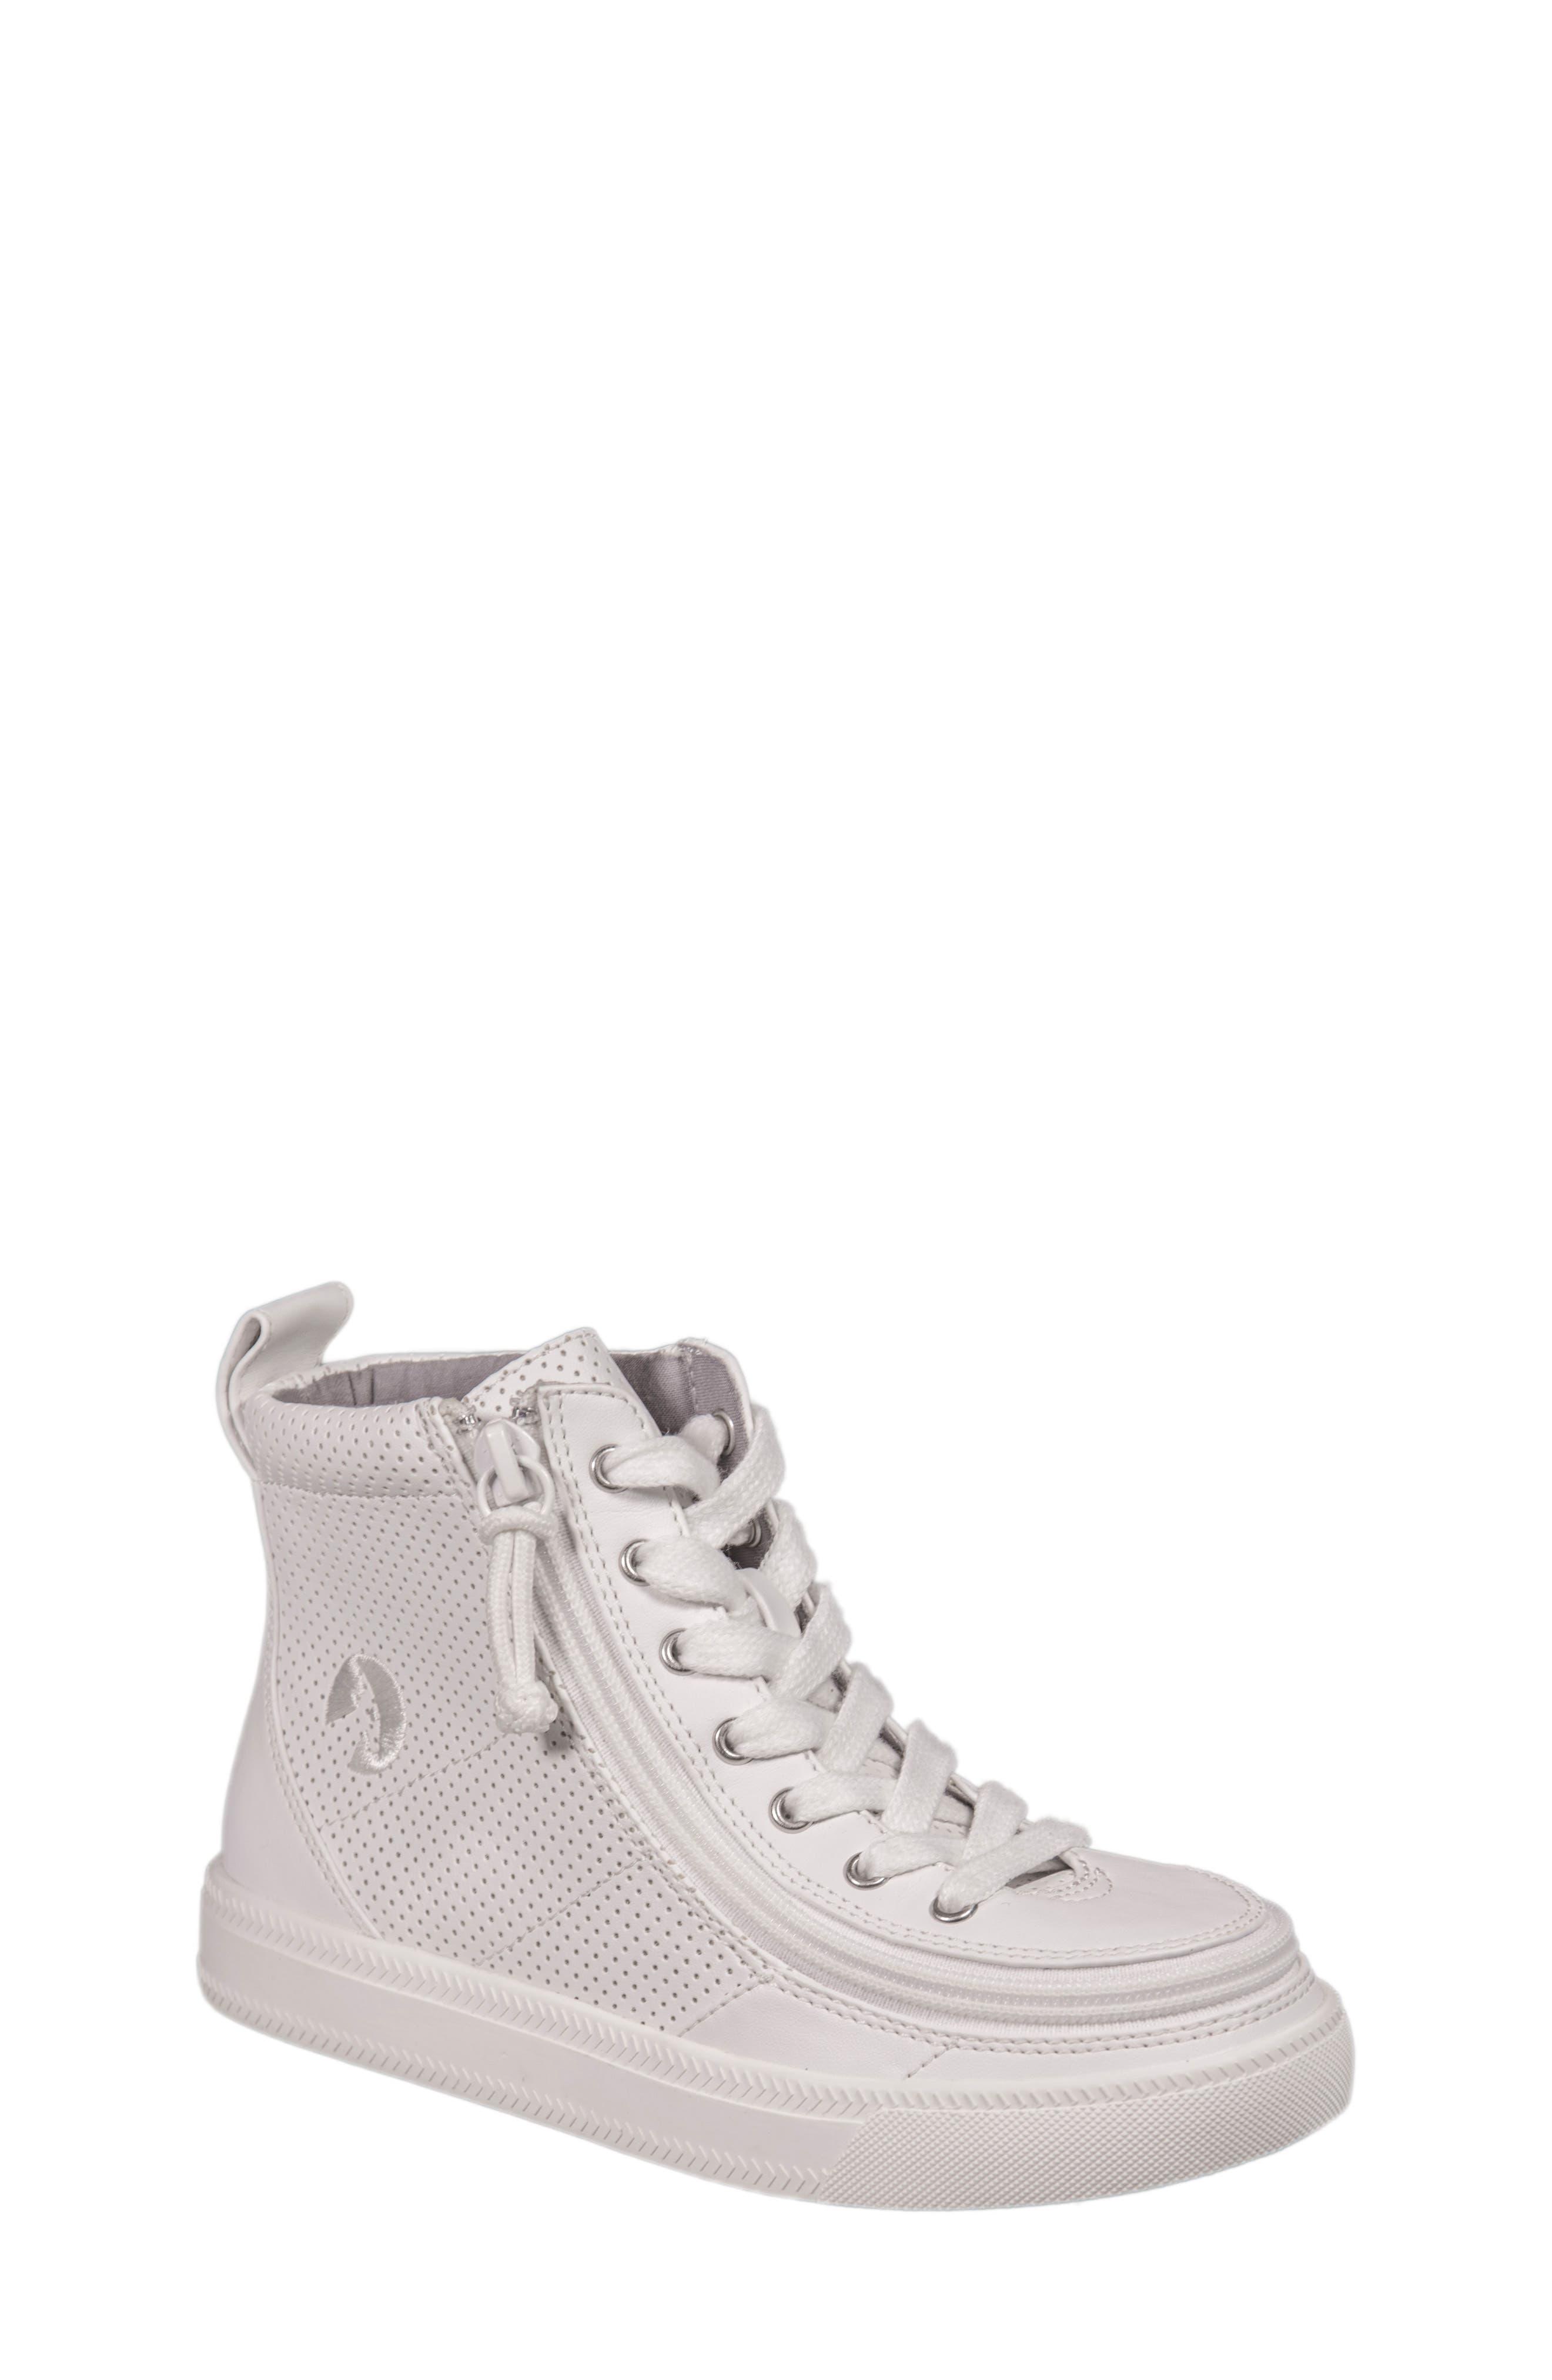 BILLY FOOTWEAR Zip Around Perforated High Top Sneaker